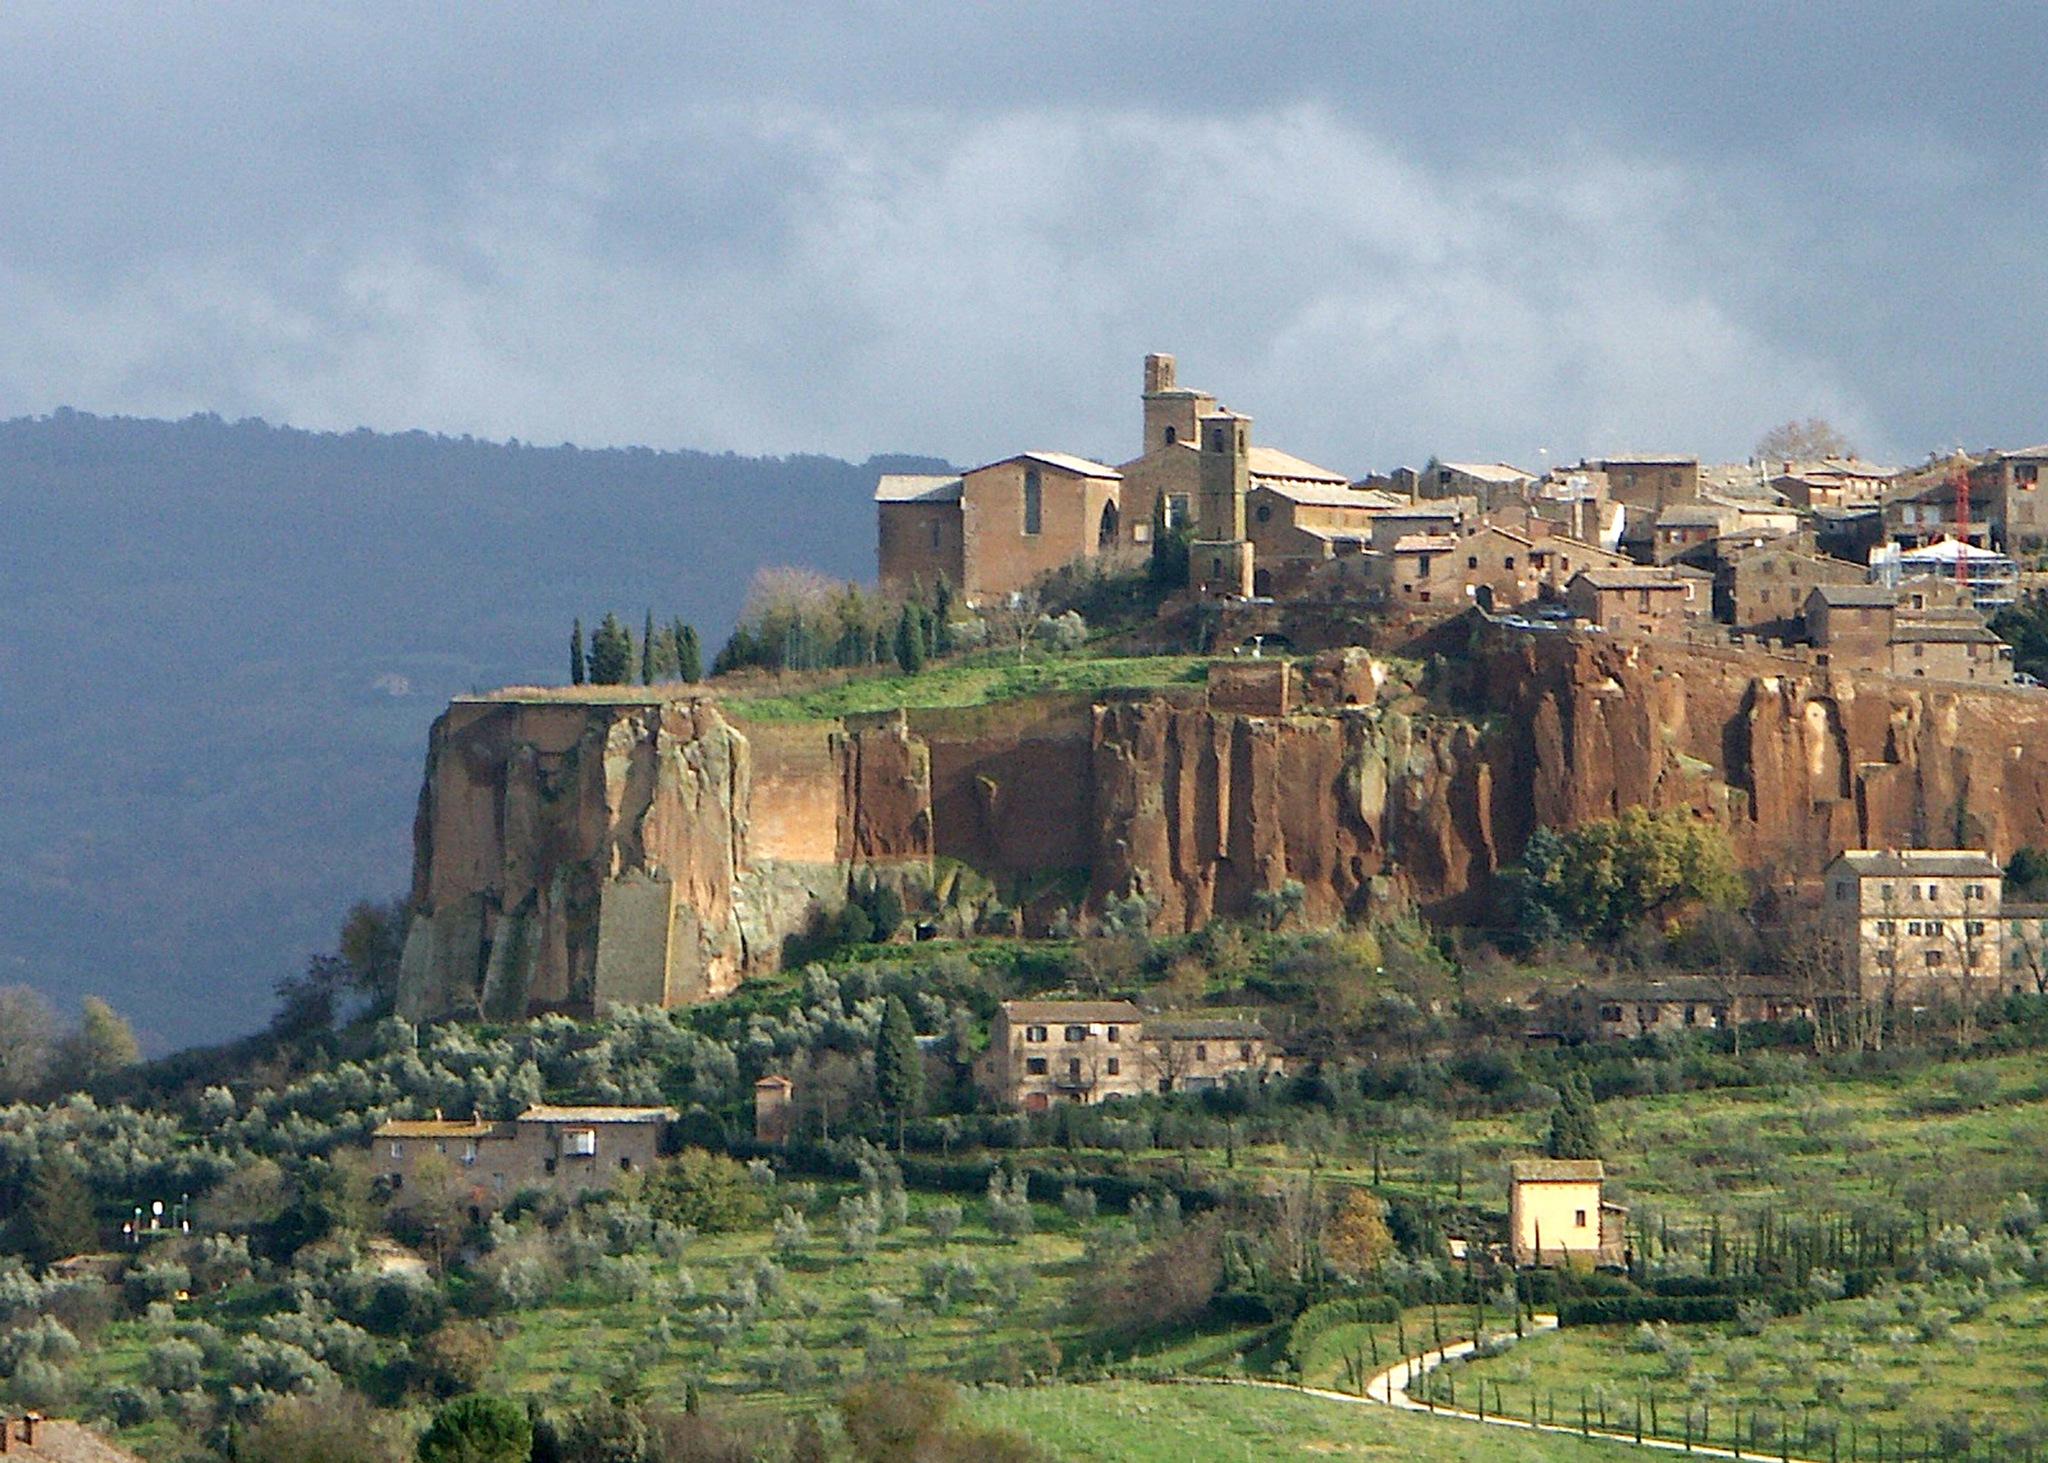 Ovieto, Italy by kfboland125